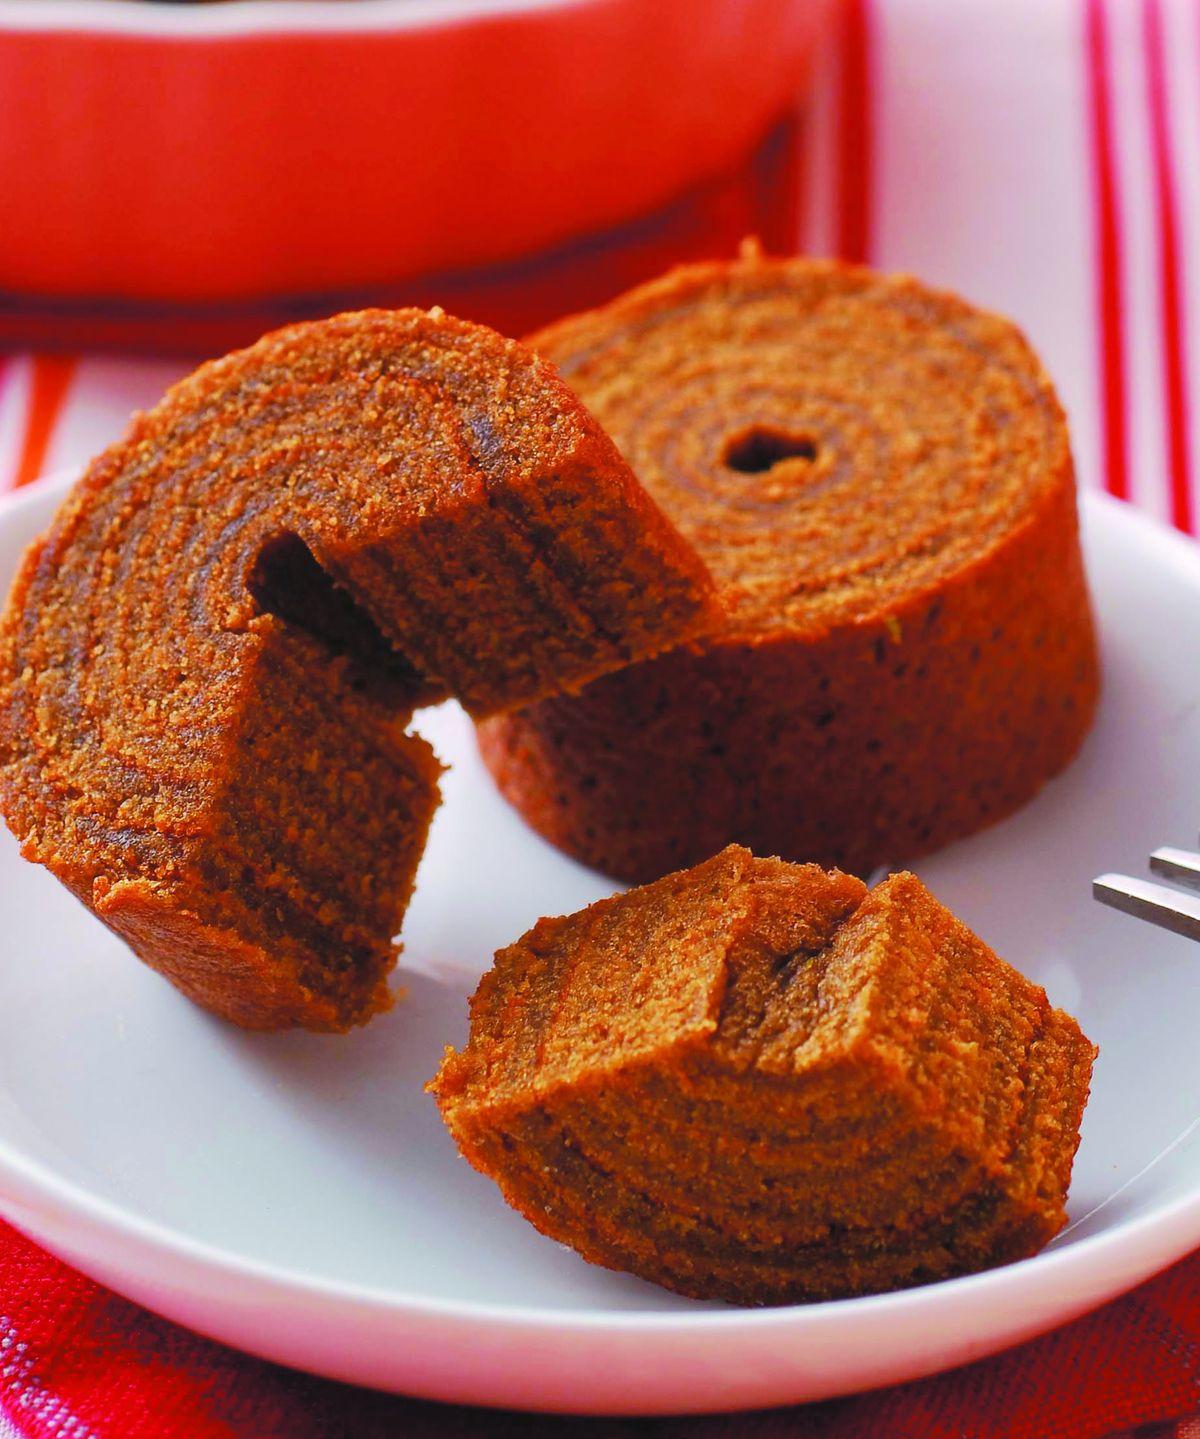 食譜:咖啡迷你年輪蛋糕